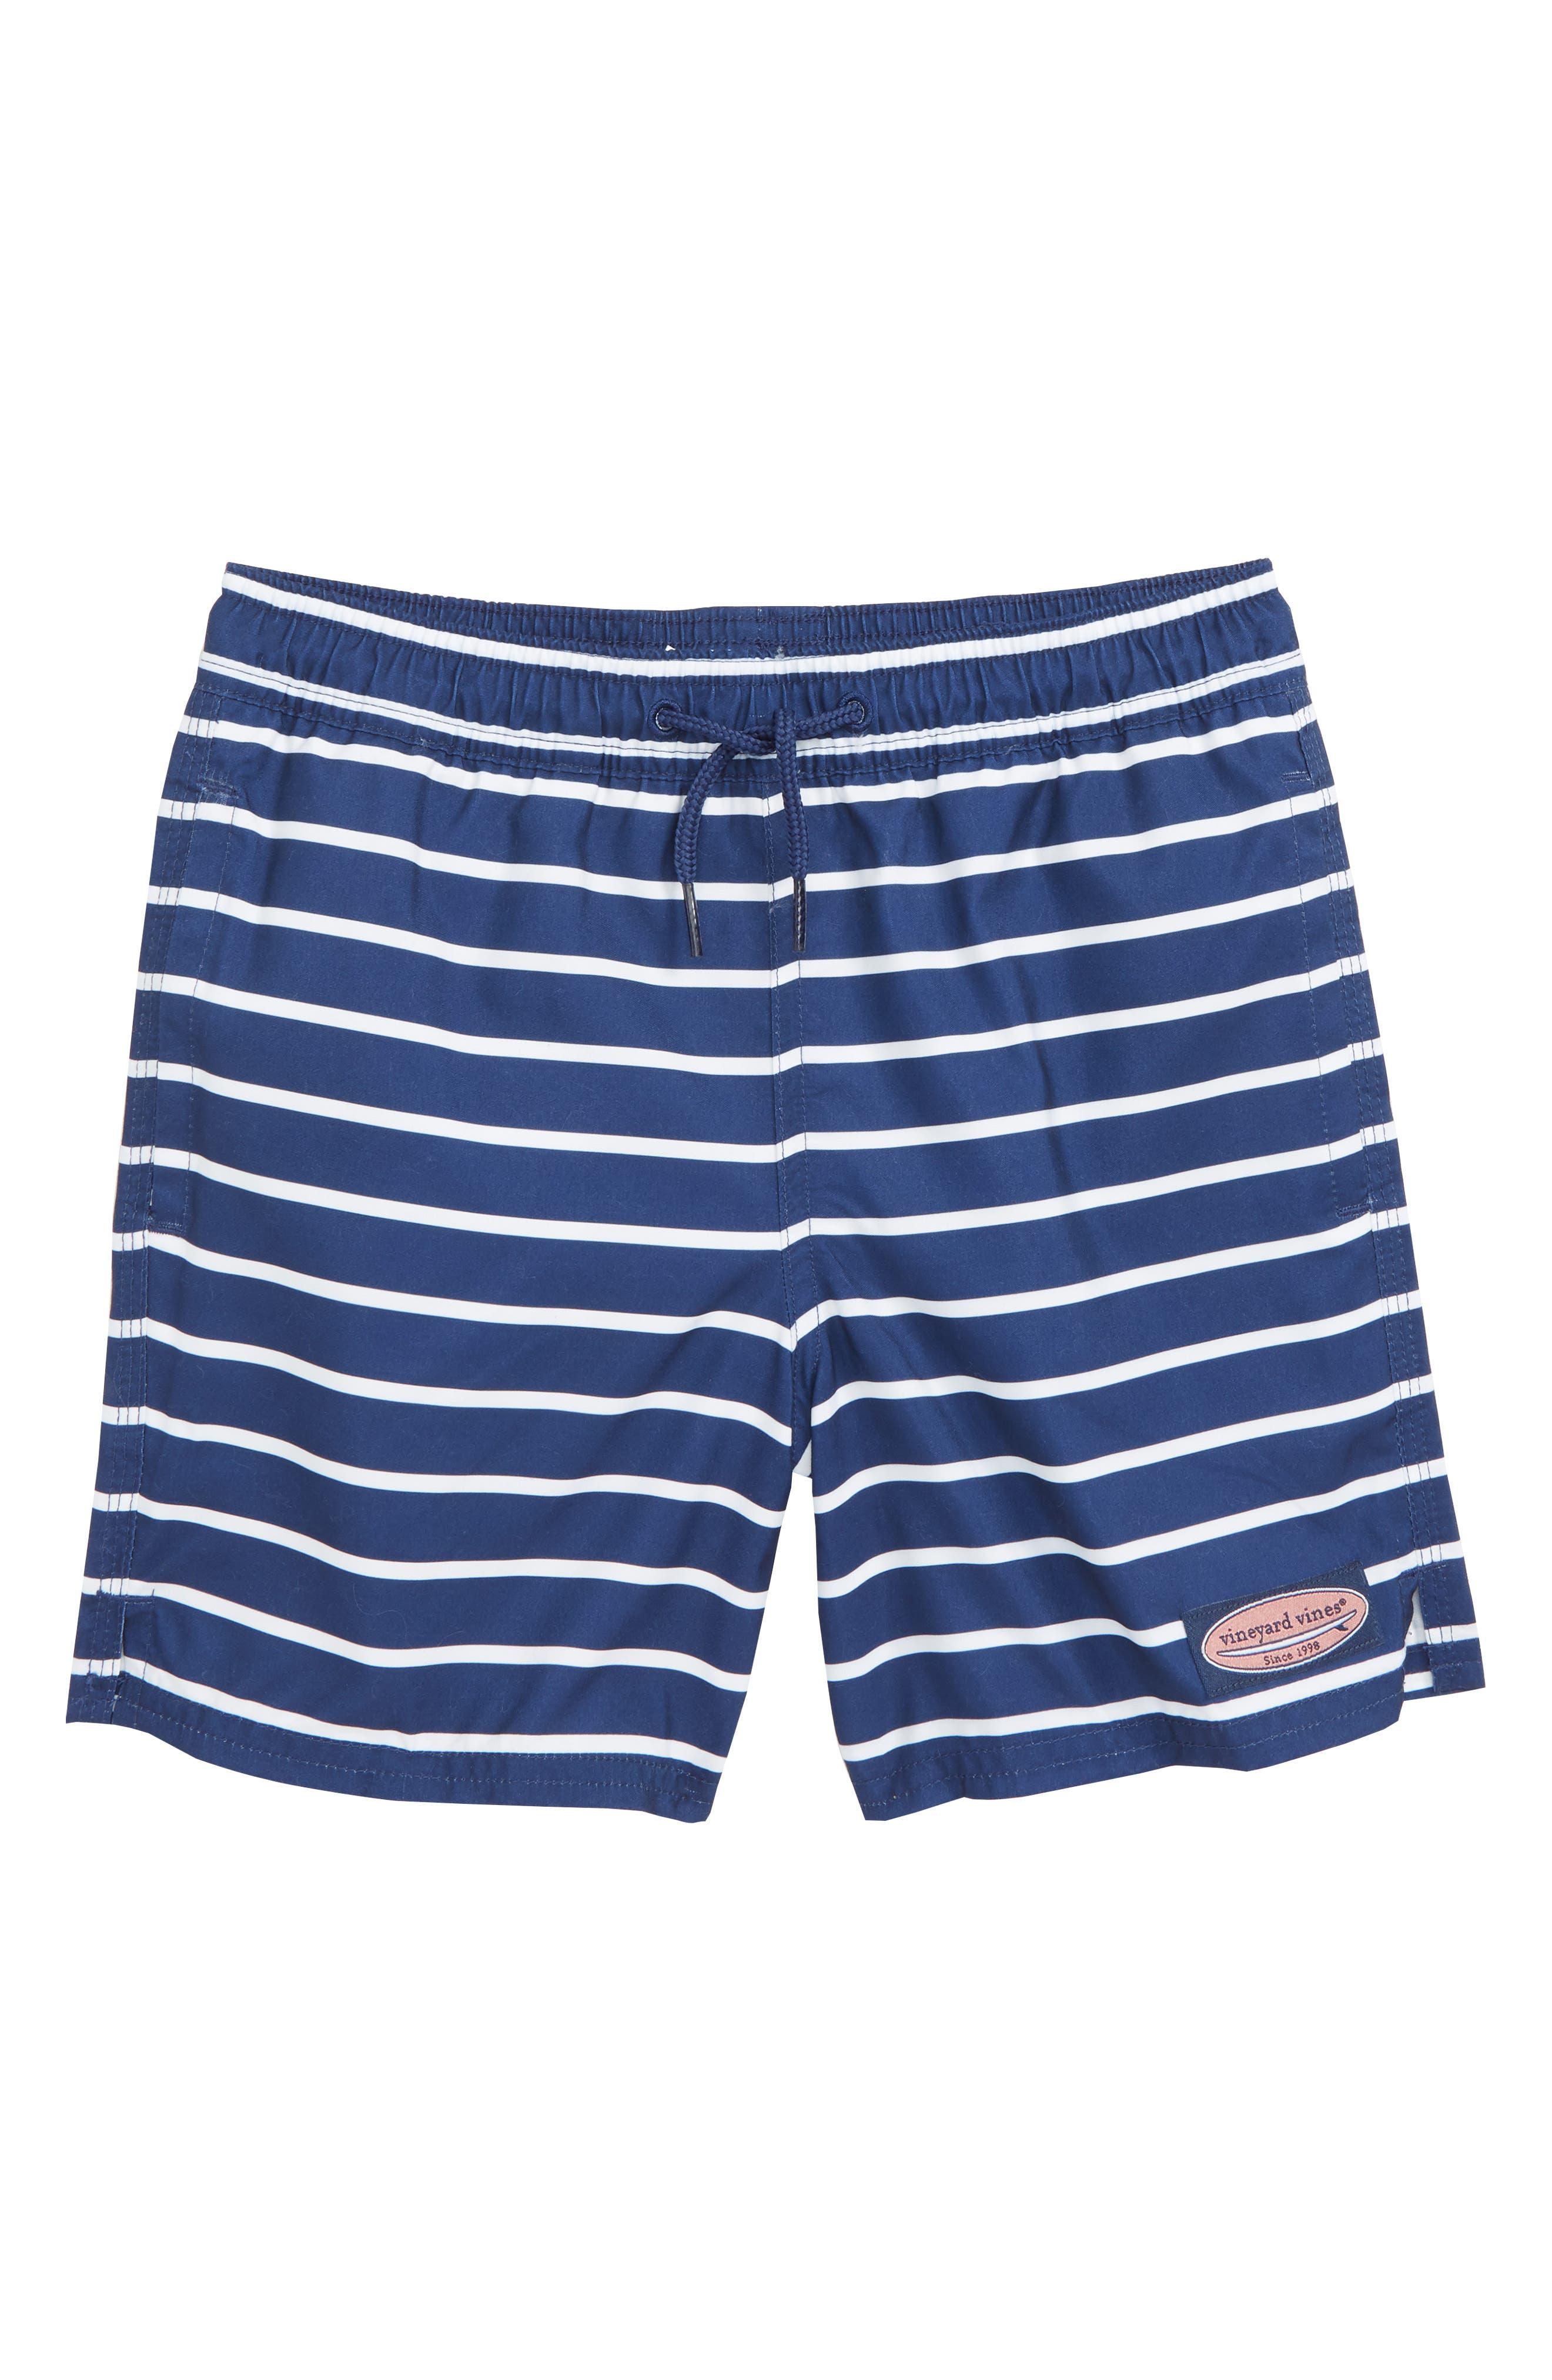 Break Stripe Chappy Swim Trunks, Main, color, DEEP BAY